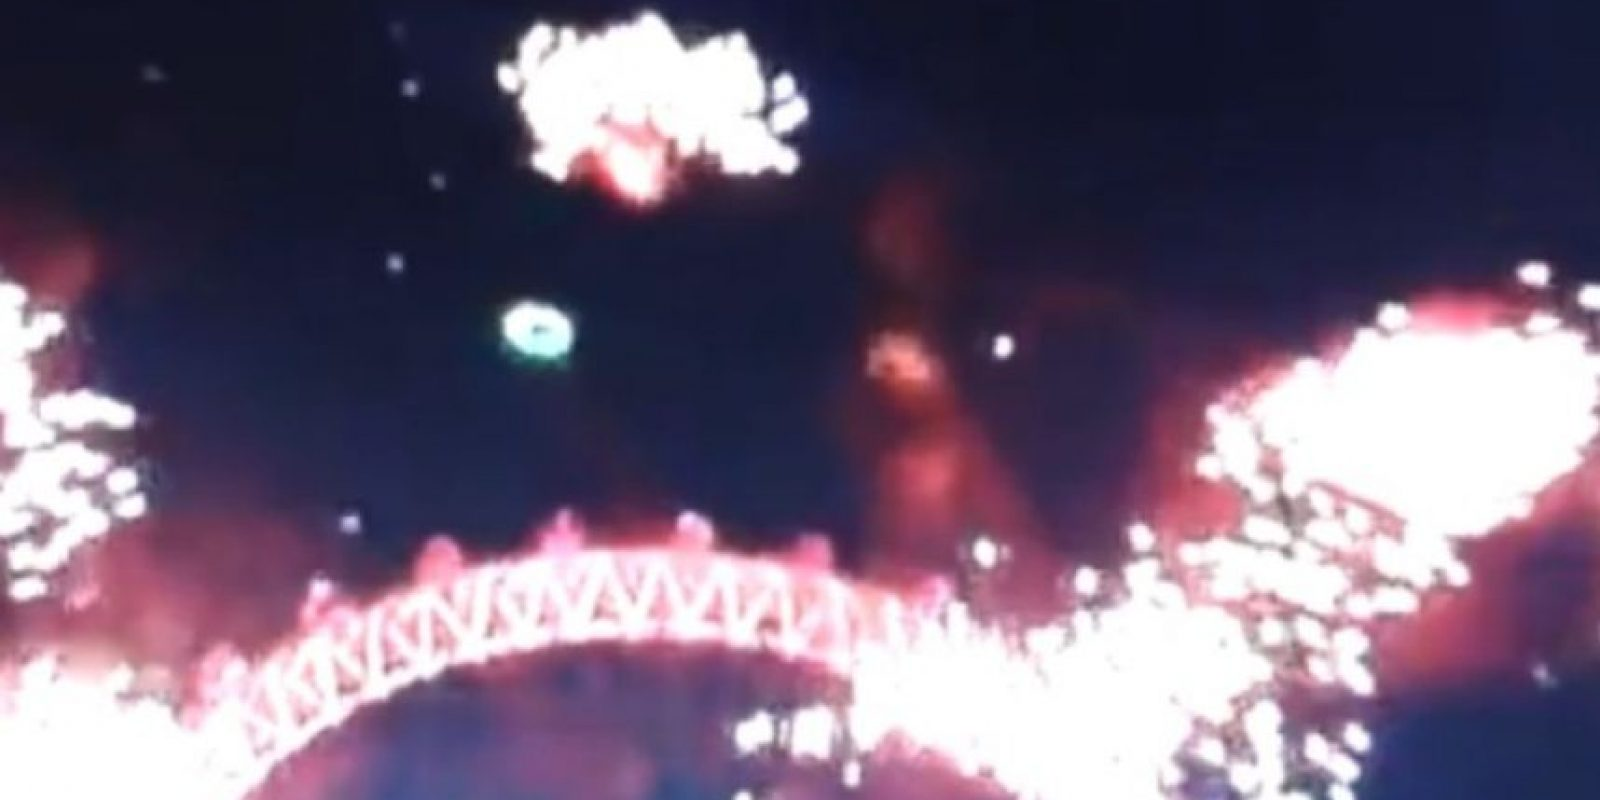 Un supuesto OVNI apareció en los festejos de Año Nuevo en Londres Foto:YouTube – Archivo